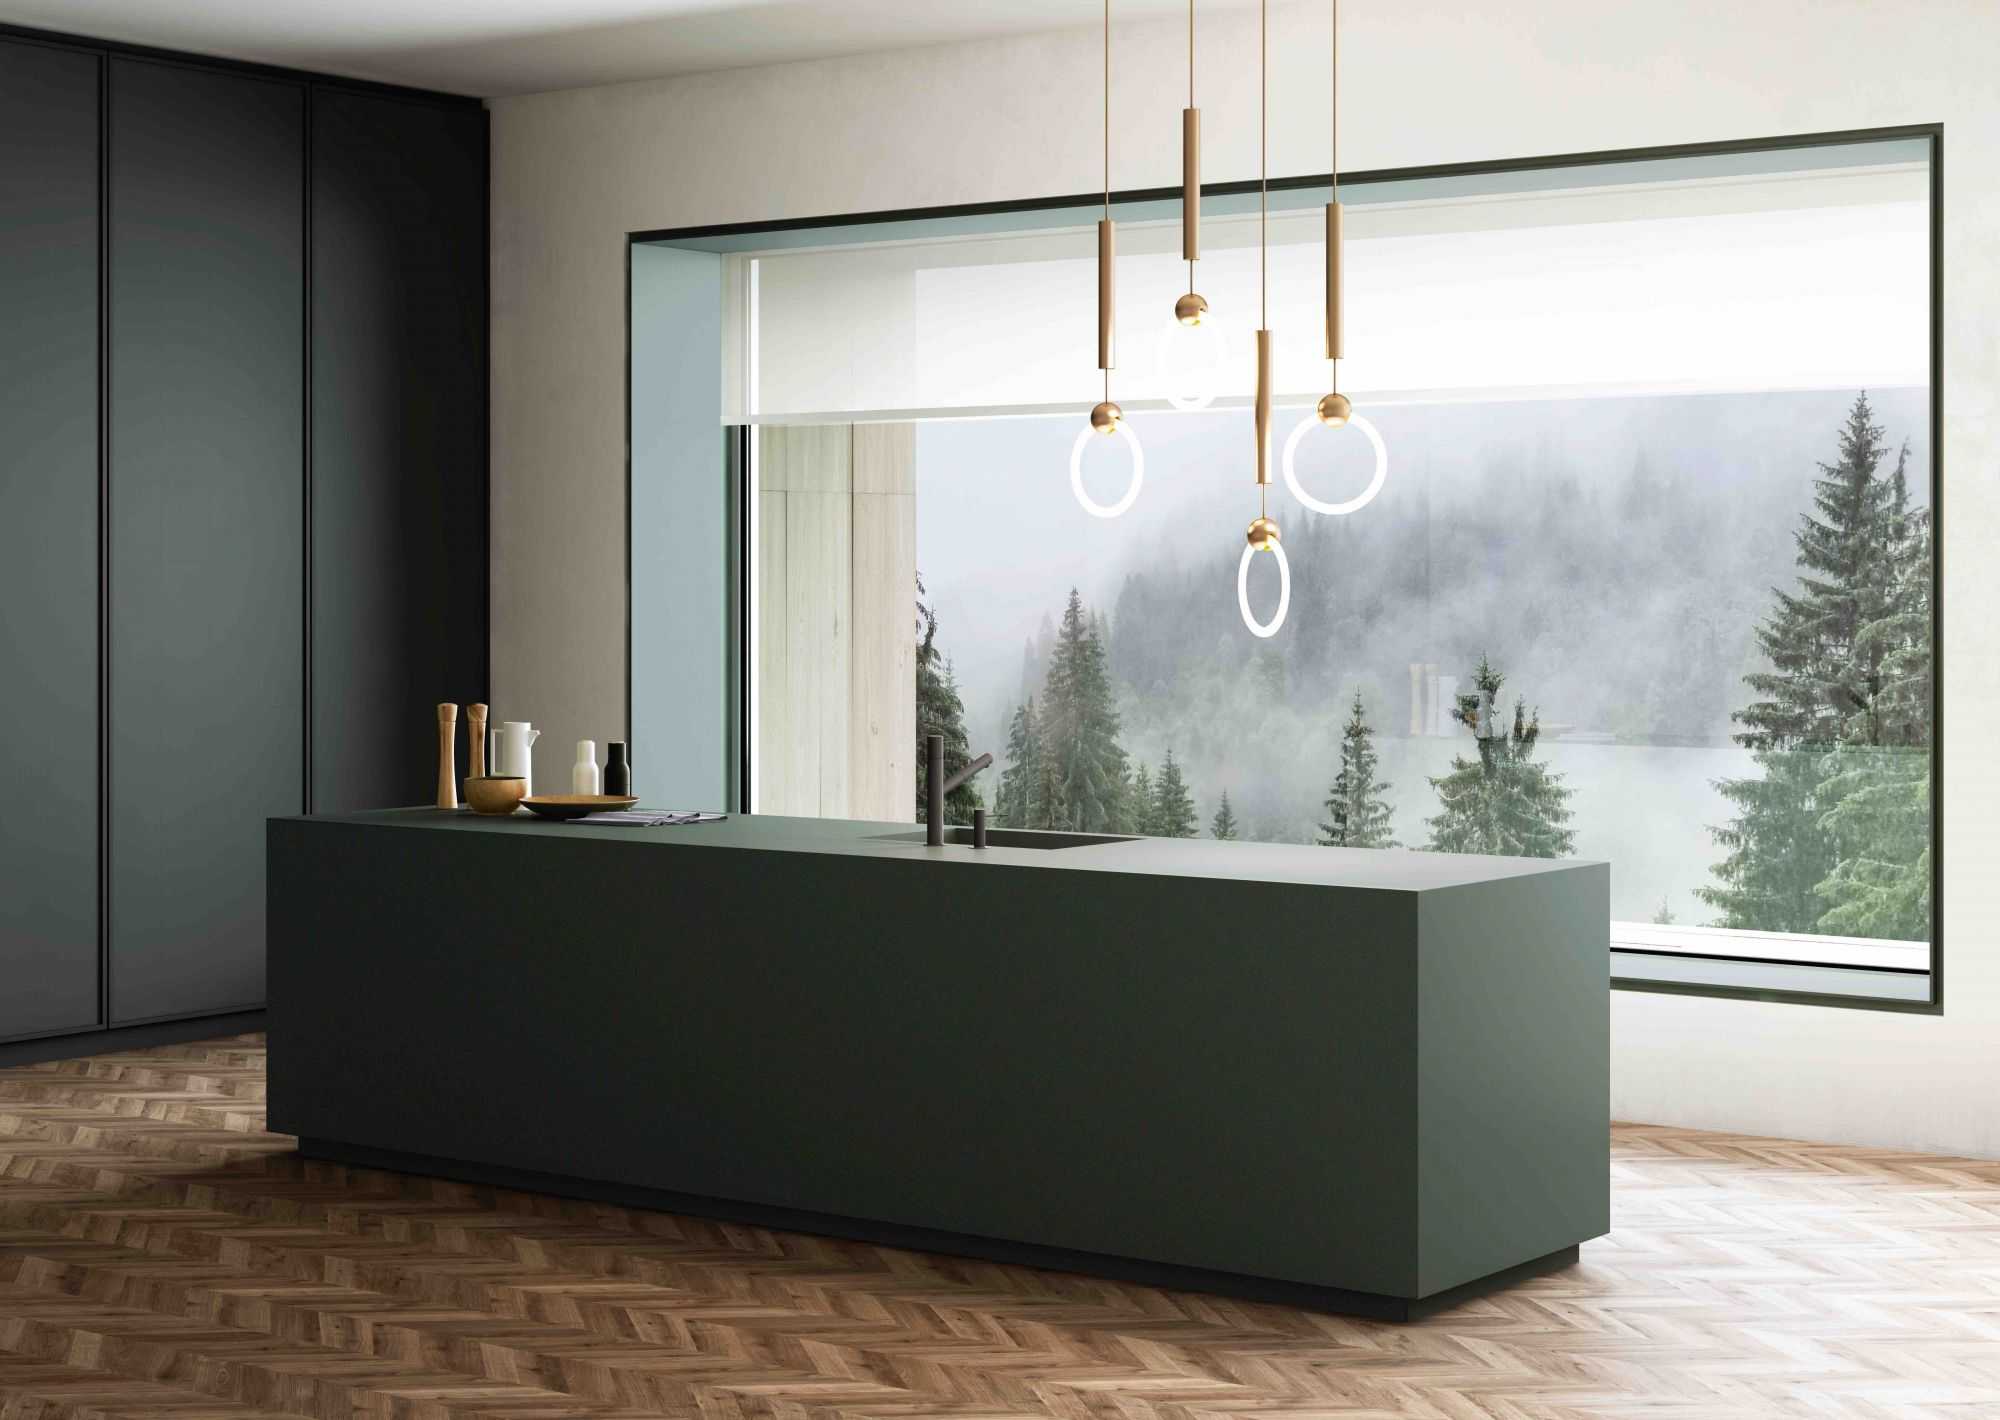 從時髦碧綠到純白大理石,精選12個你一定要知道的廚房設計趨勢!